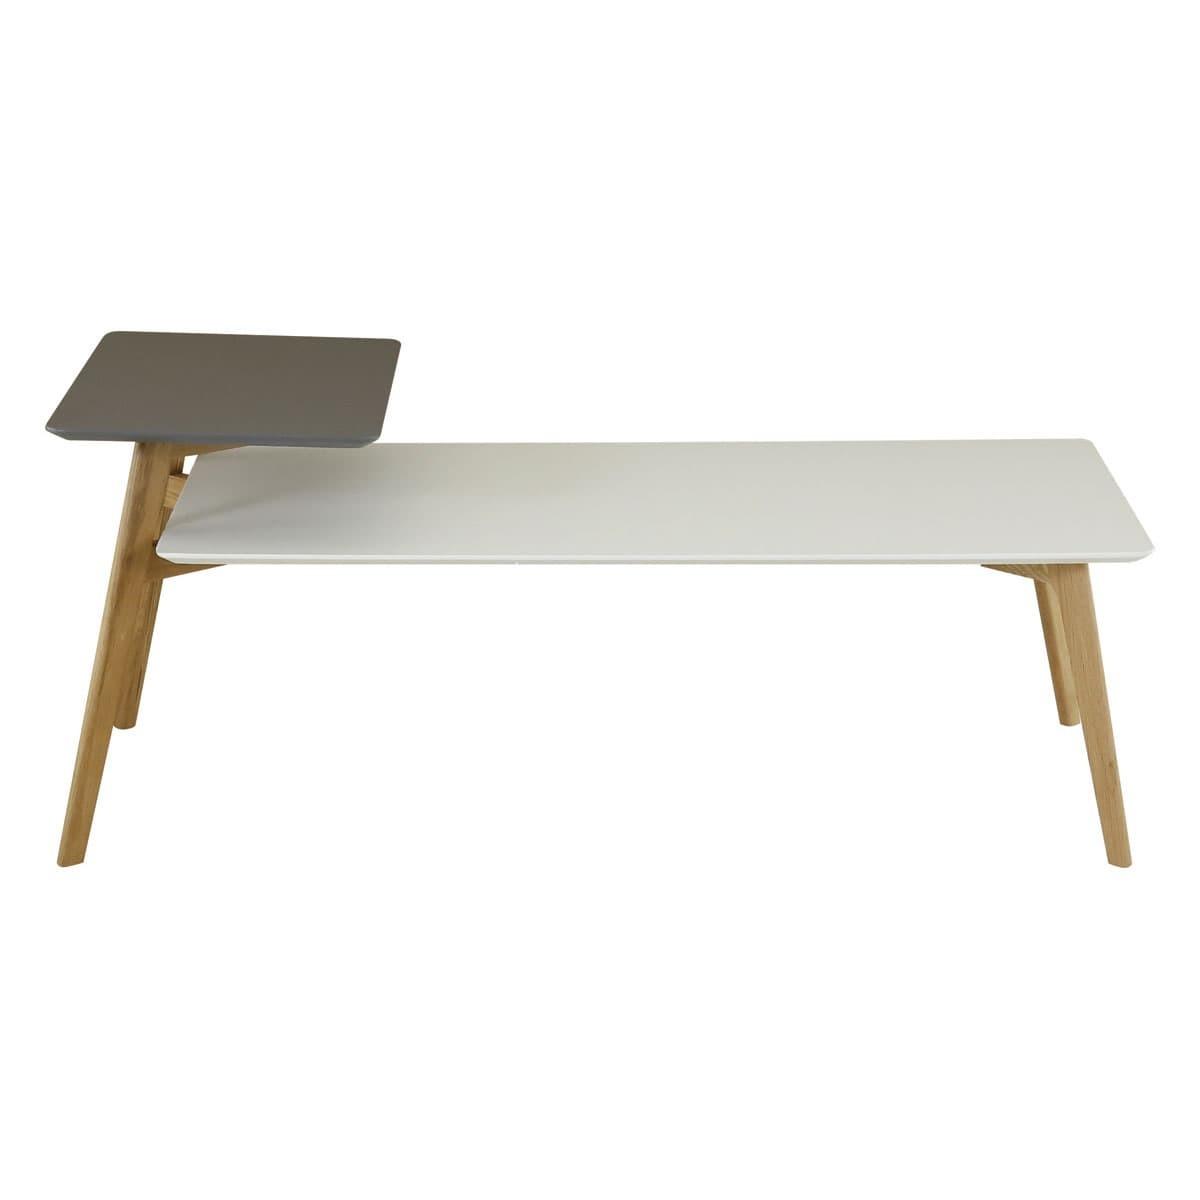 Table basse 130 cm double plateaux gris et blanc